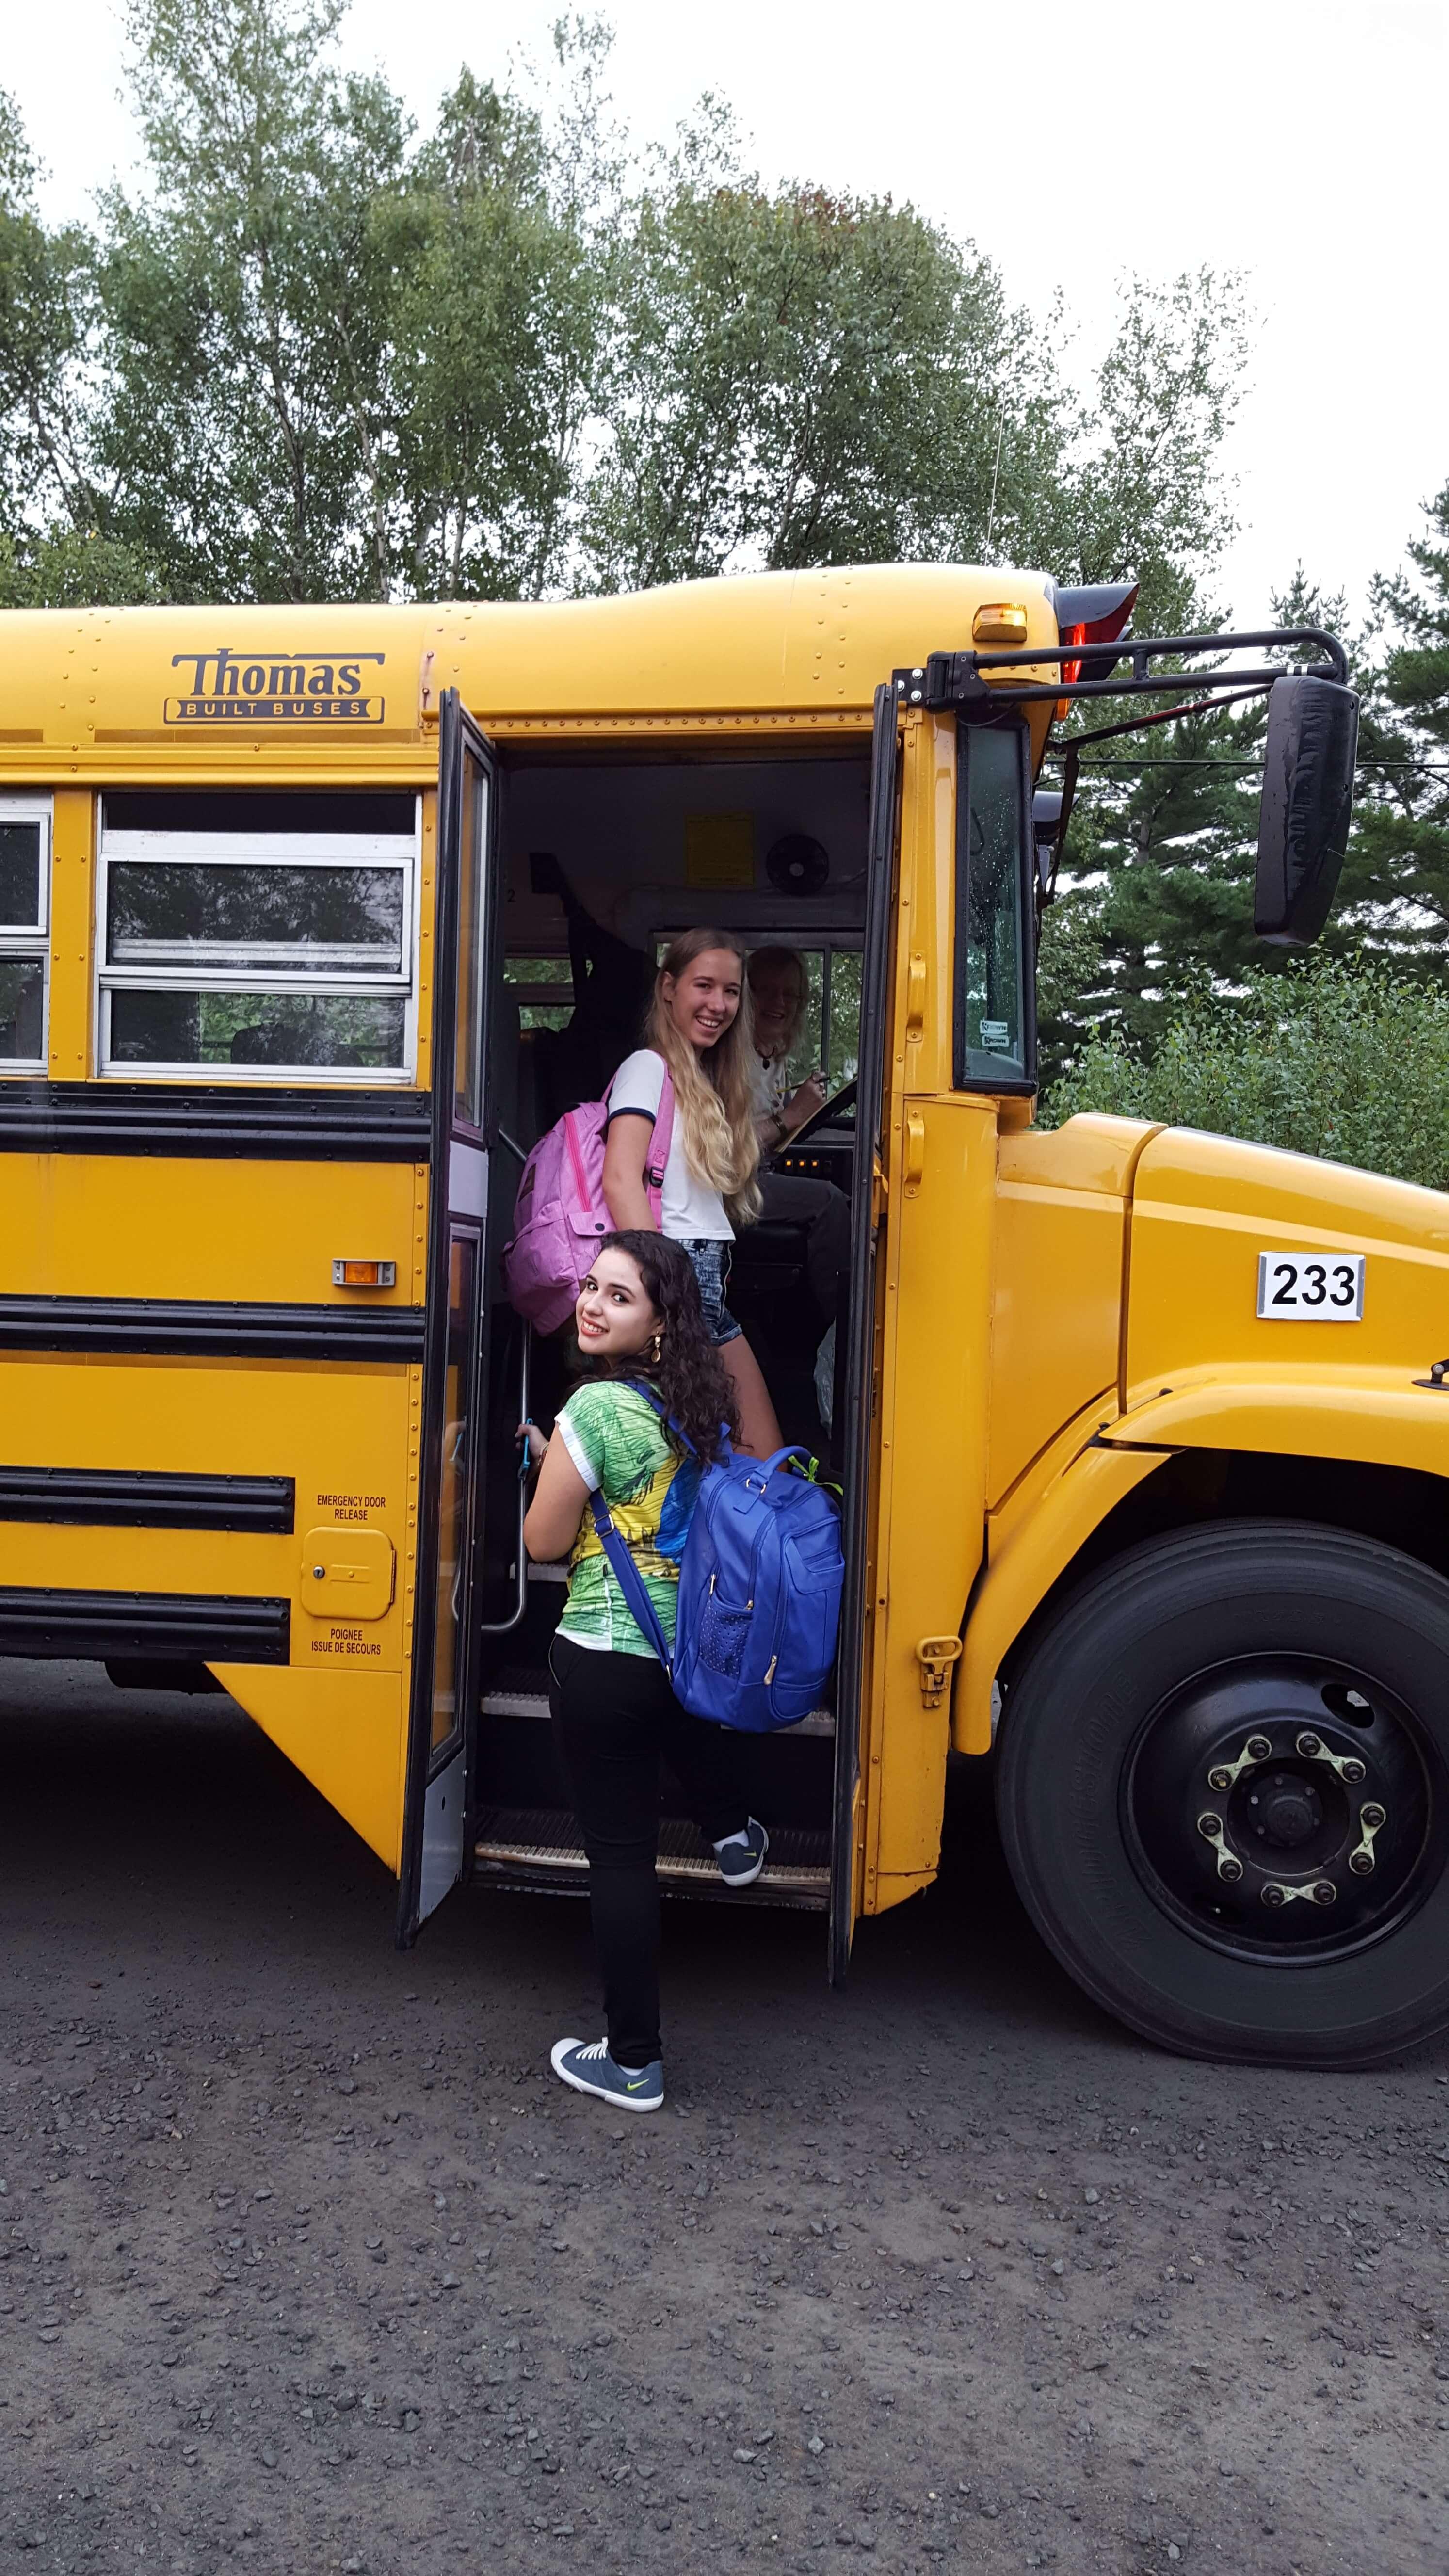 zwei Schülerinnen steigen in den typisch gelben Schulbus ein und lächeln in die Kamera